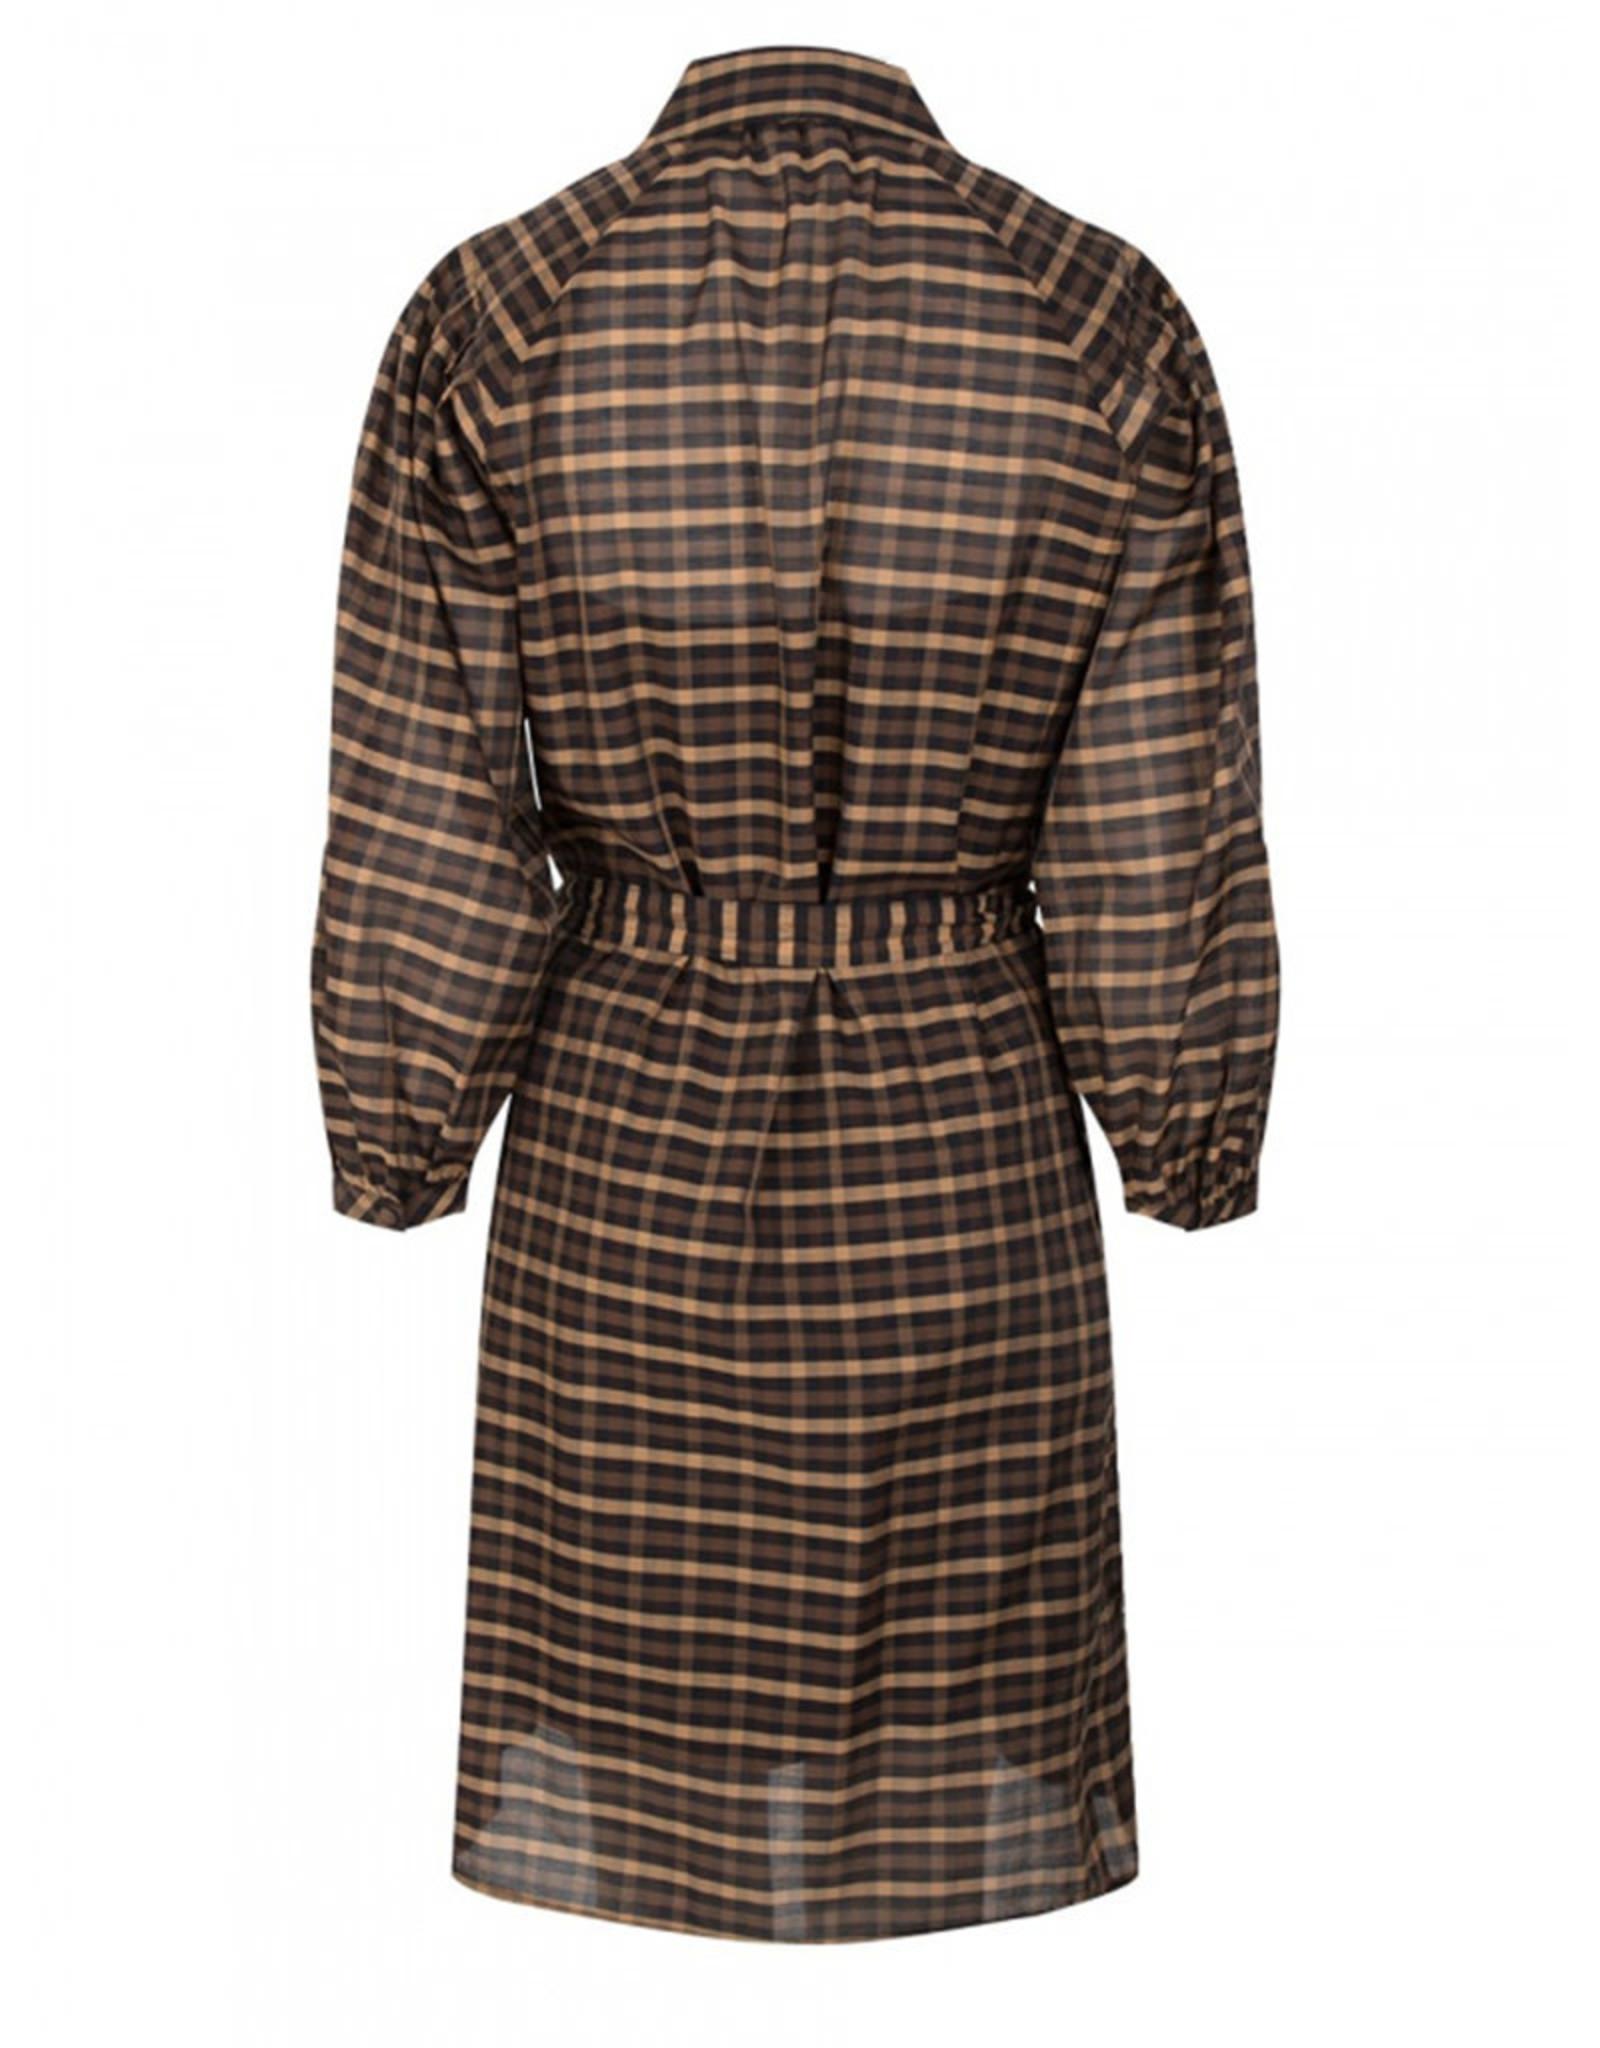 dante6 Pompadour Check dress